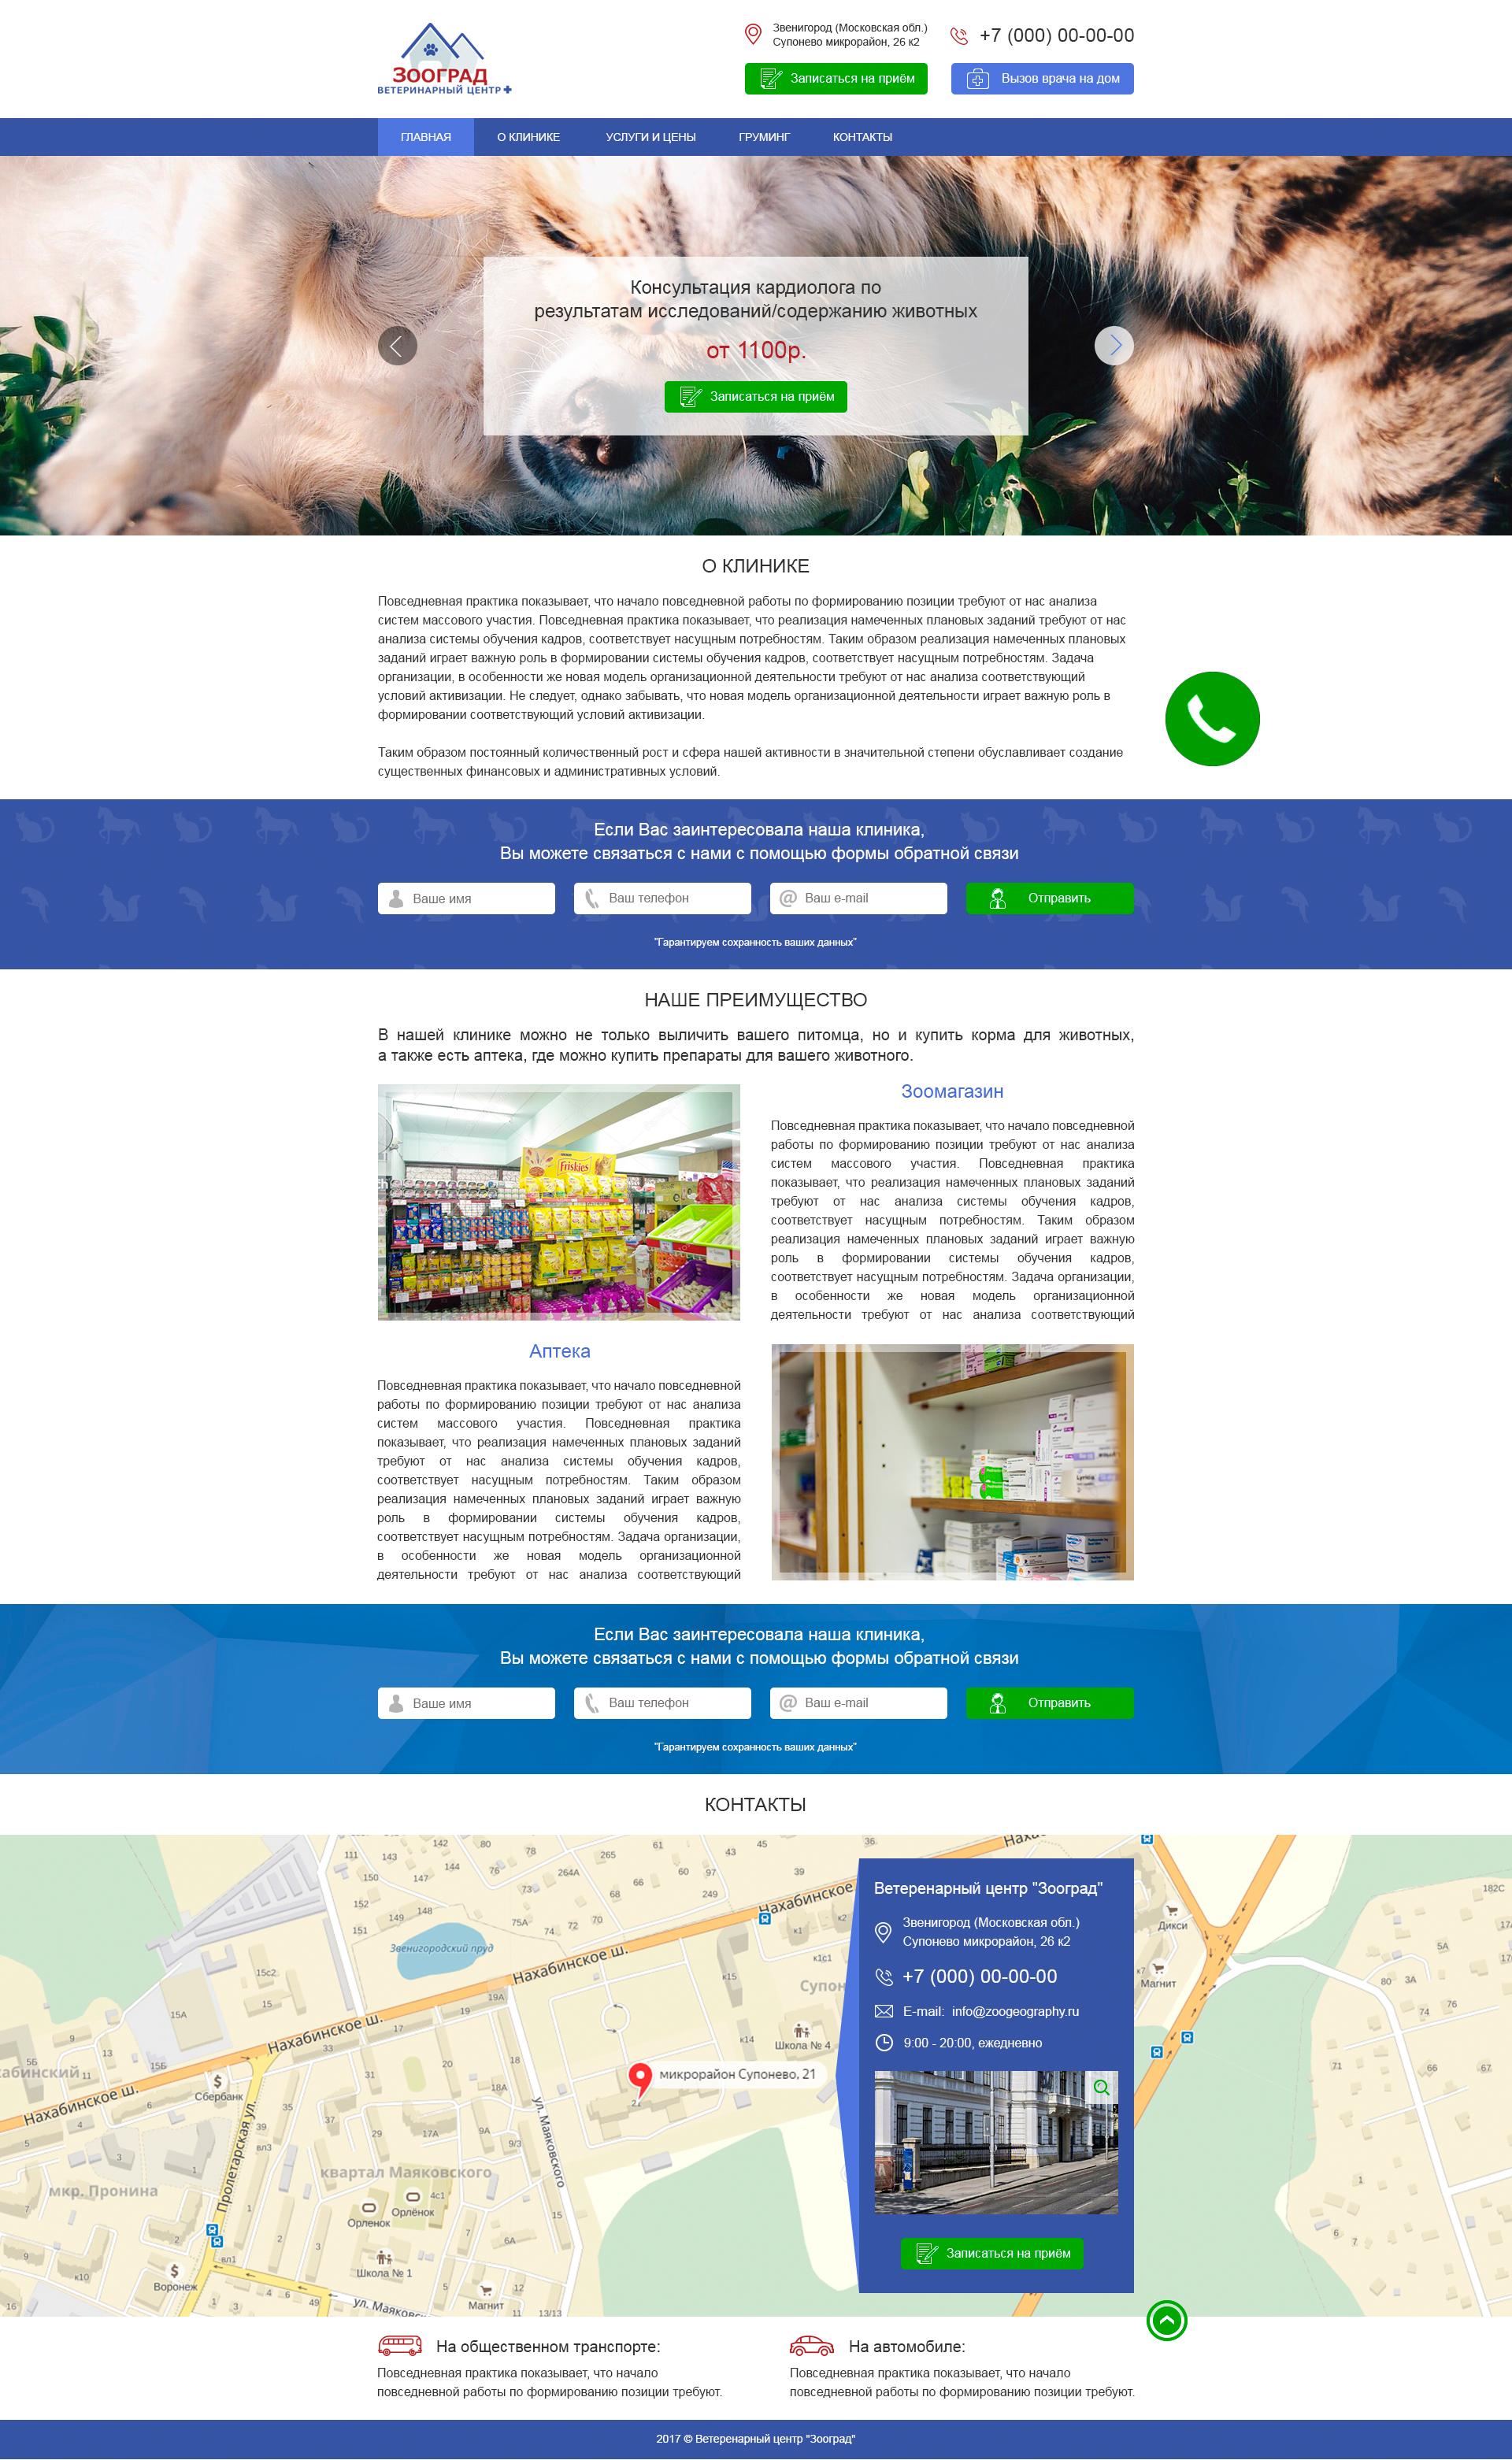 Зооград - ветеринарный центр